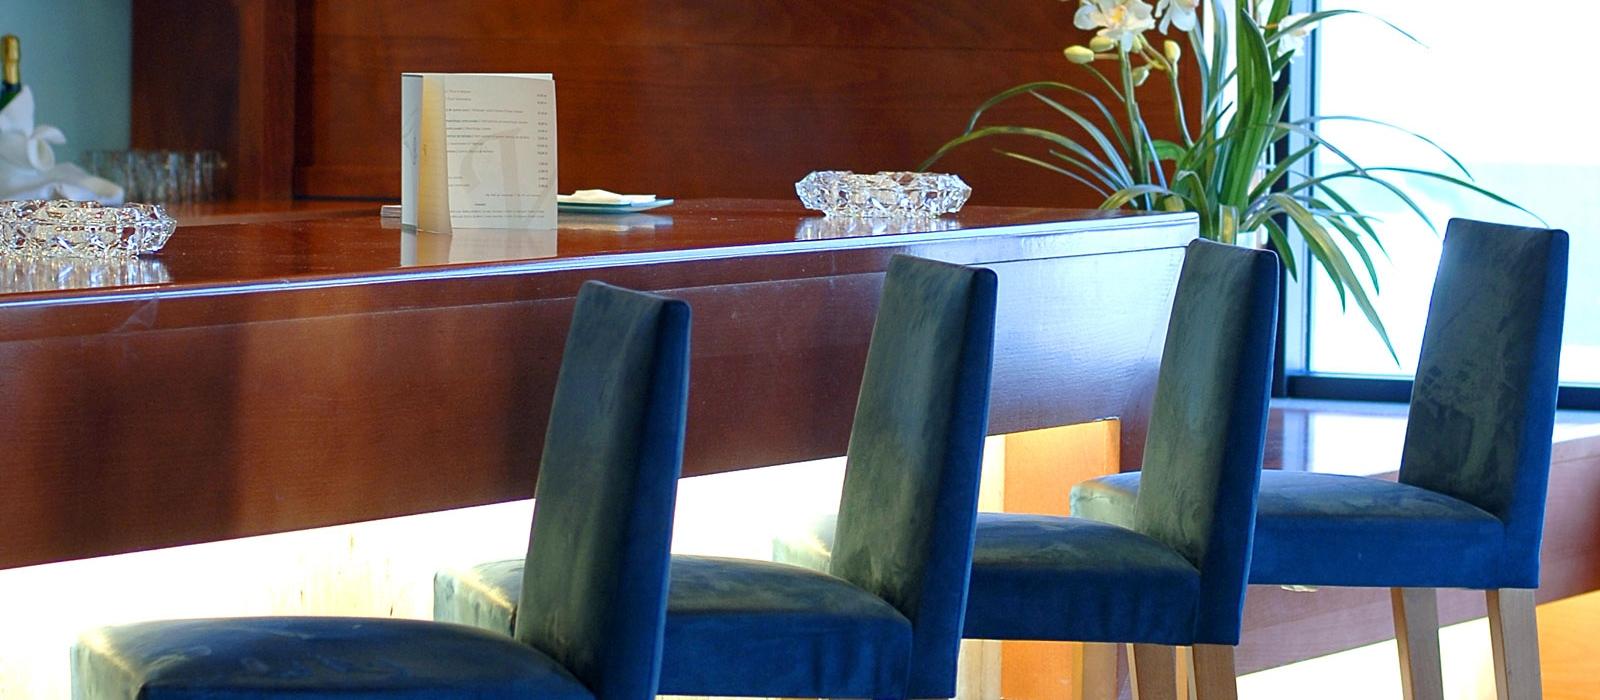 Dienstleistungen Hotel Ciudad de Salamanca - Vincci Hoteles | Bar und Lounge